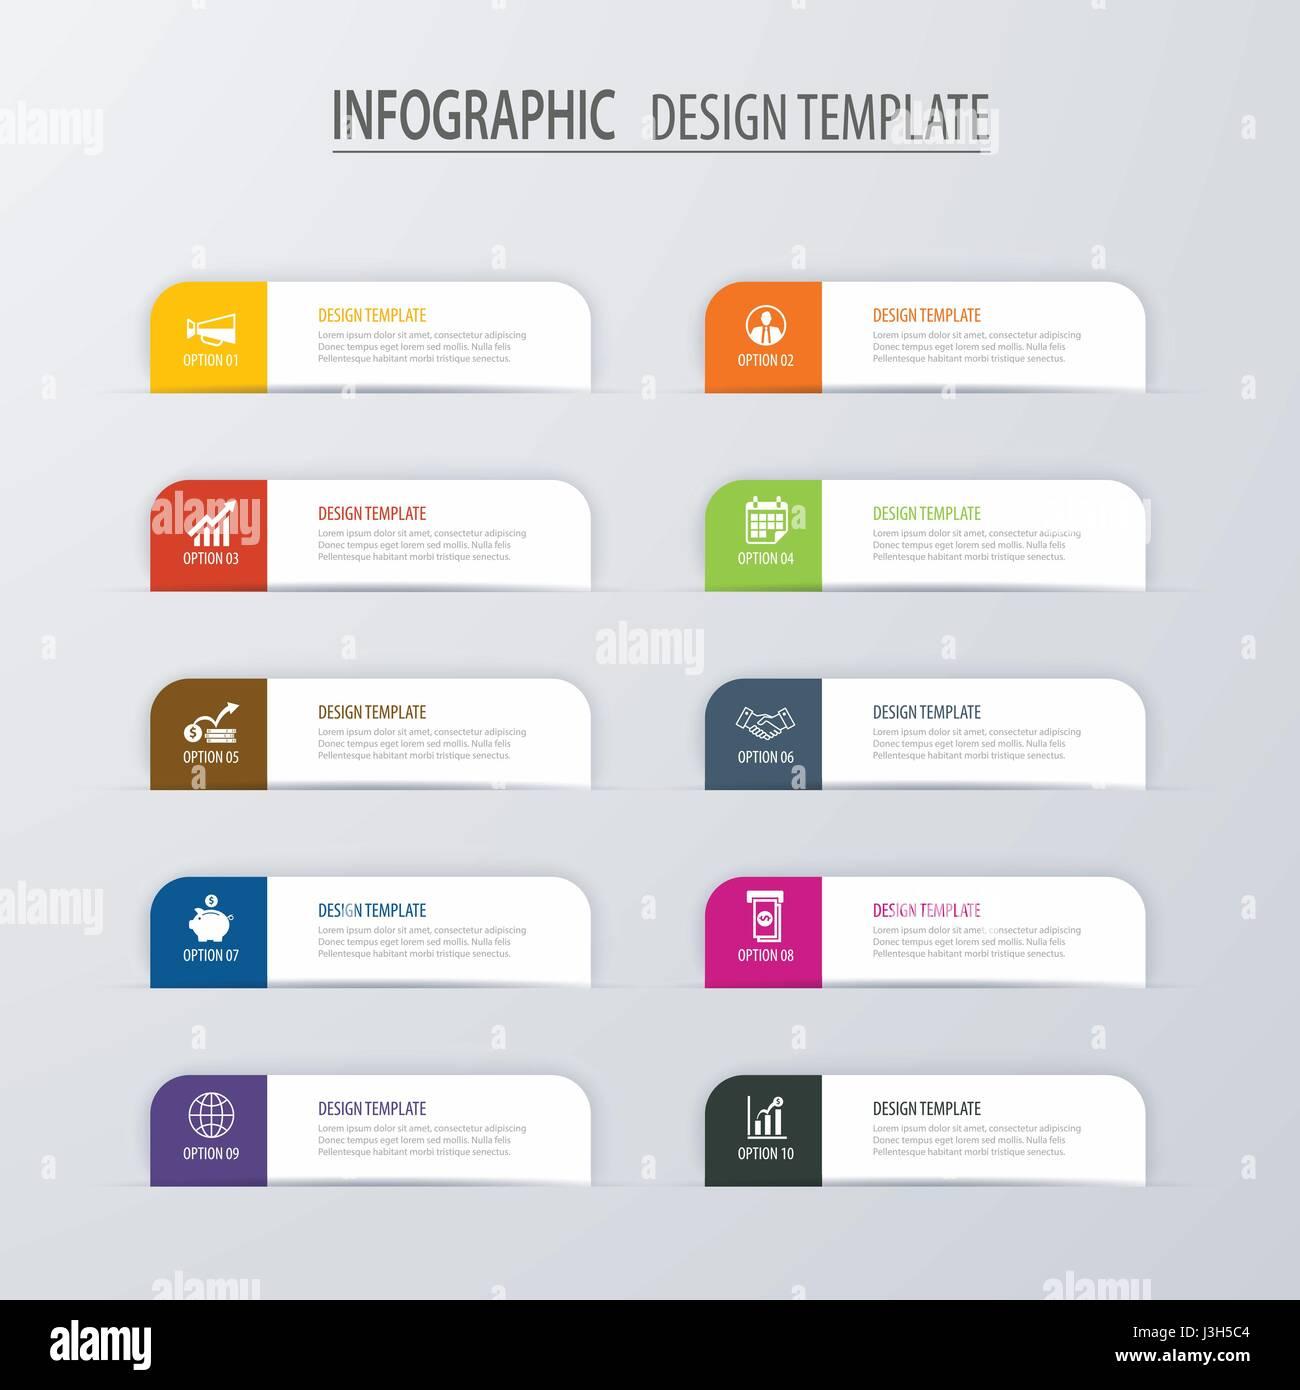 Wunderbar Schnelle Designvorlagen Ideen - Entry Level Resume ...